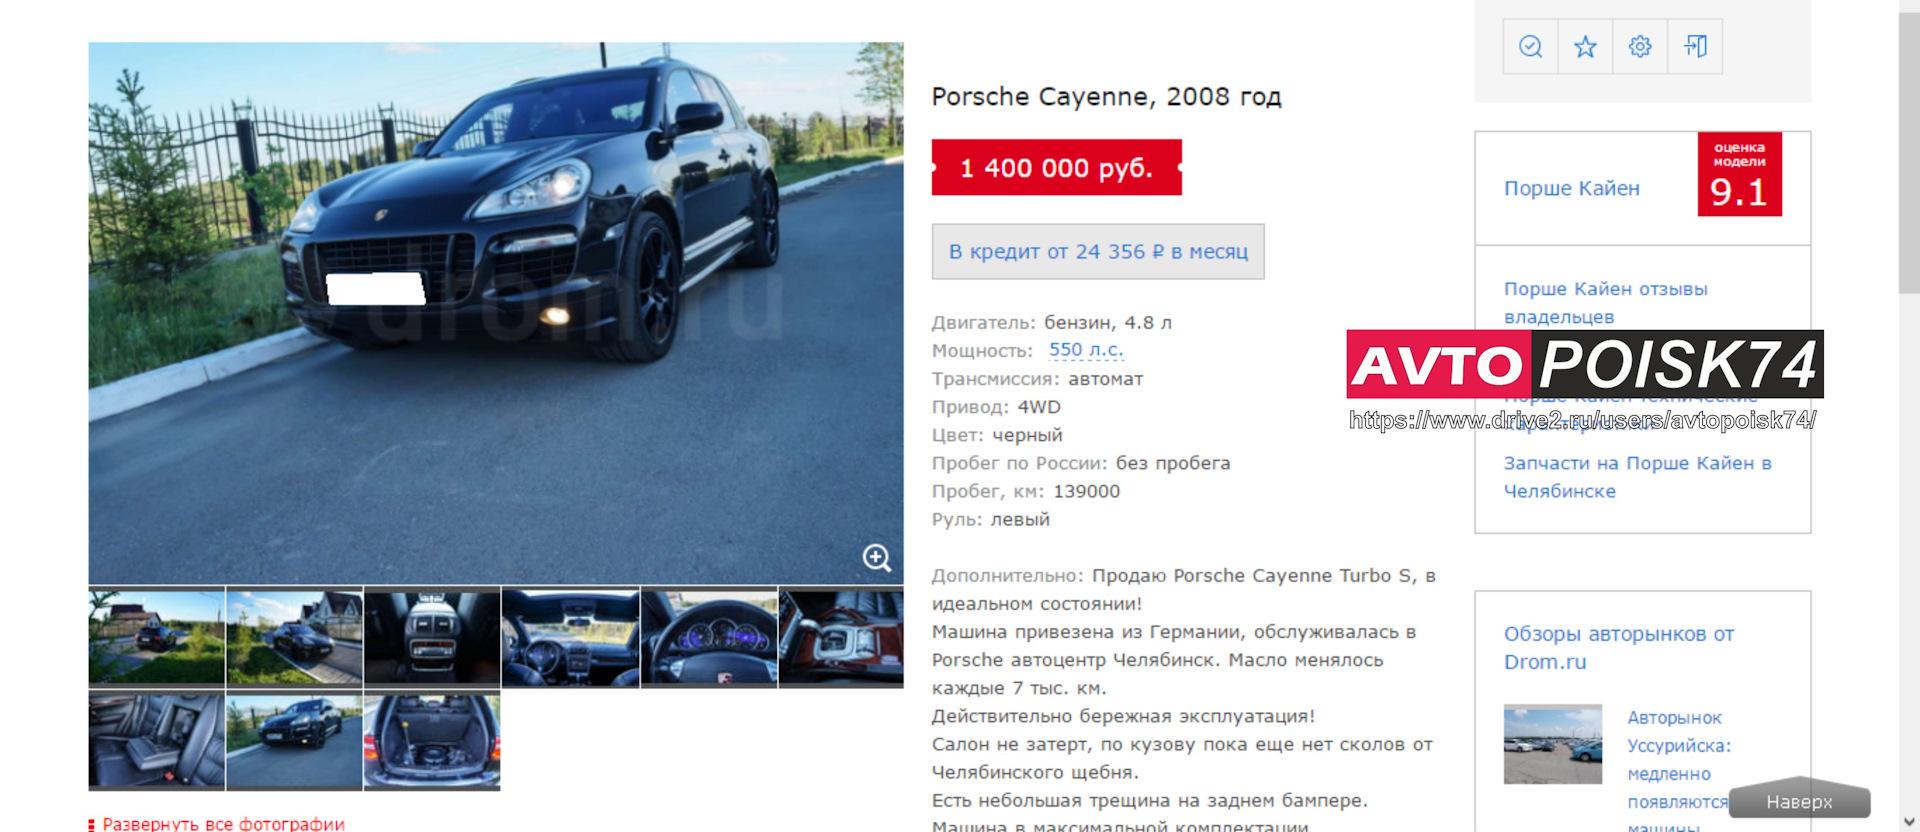 Взял машину в кредит казахстан как получить кредит без инн